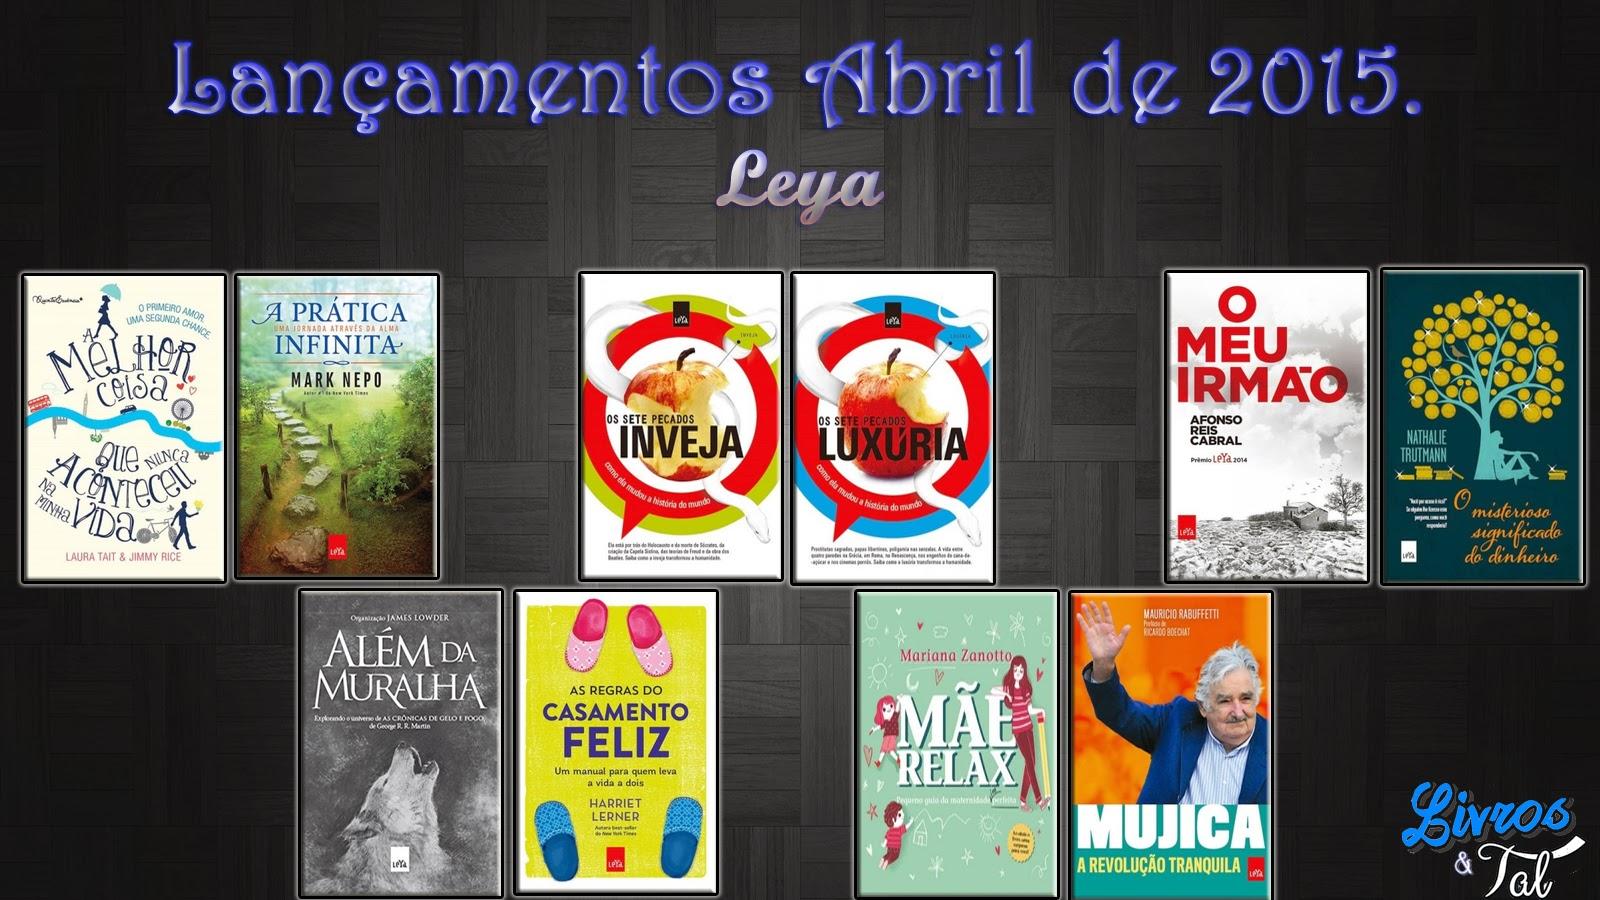 http://livrosetalgroup.blogspot.com.br/p/lancamentos-de-abril-de-2015-editora.html